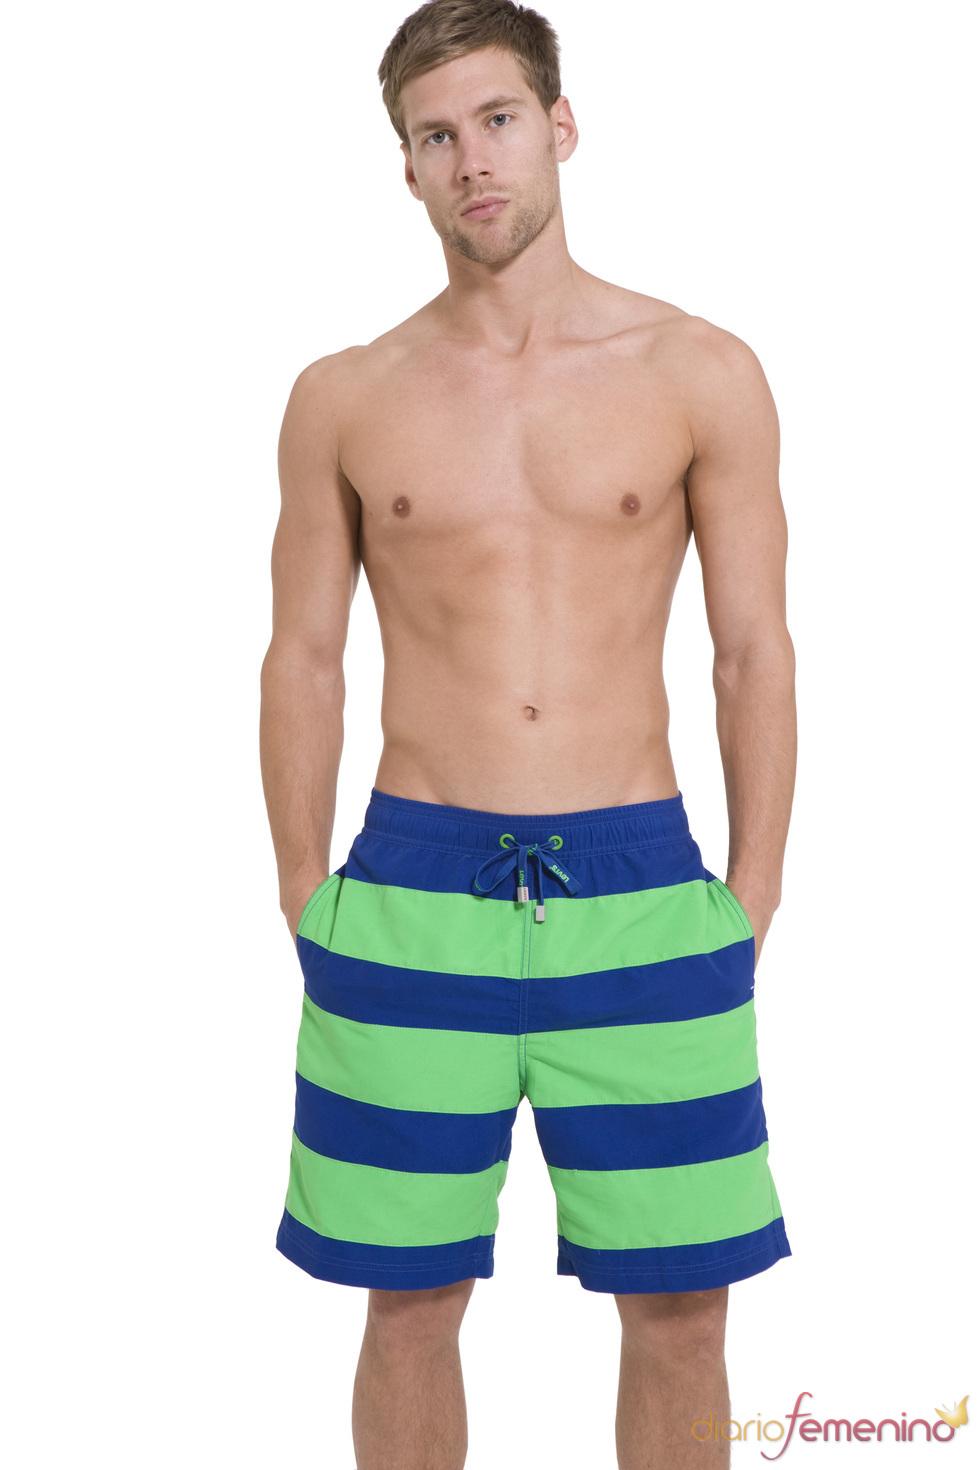 Bañador azul y verde flúor de la colección SS10 de Levi's